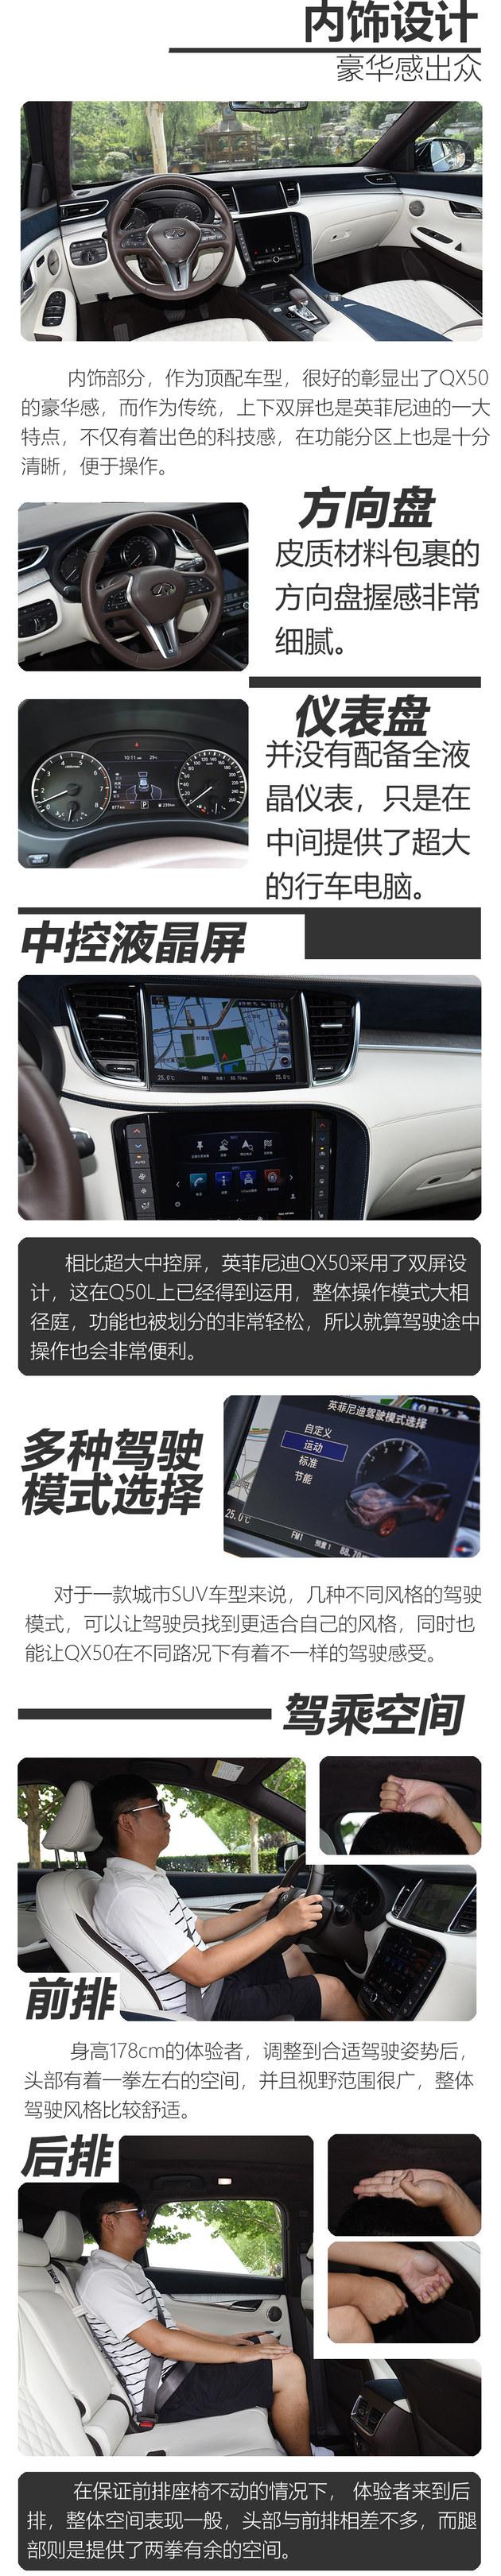 英菲尼迪新QX50性能测试 尖端科技产物